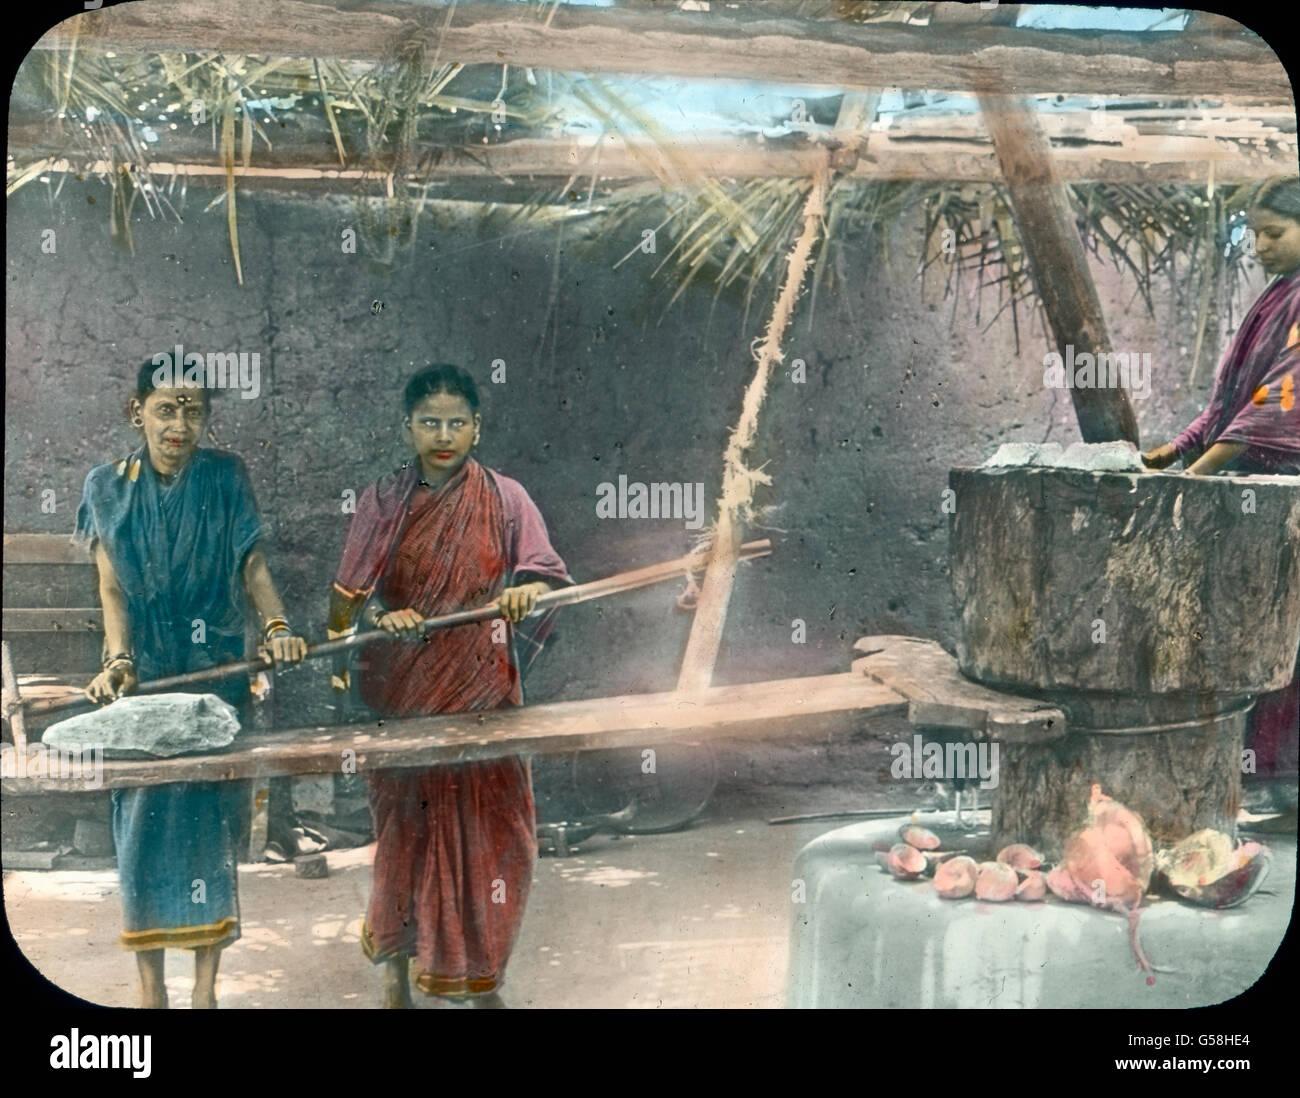 Hier werden Kokosnüsse von zwei Frauen zermahlen. India, Asia, viajes, Mill, indios, mujeres, campesinos, nativos, Imagen De Stock